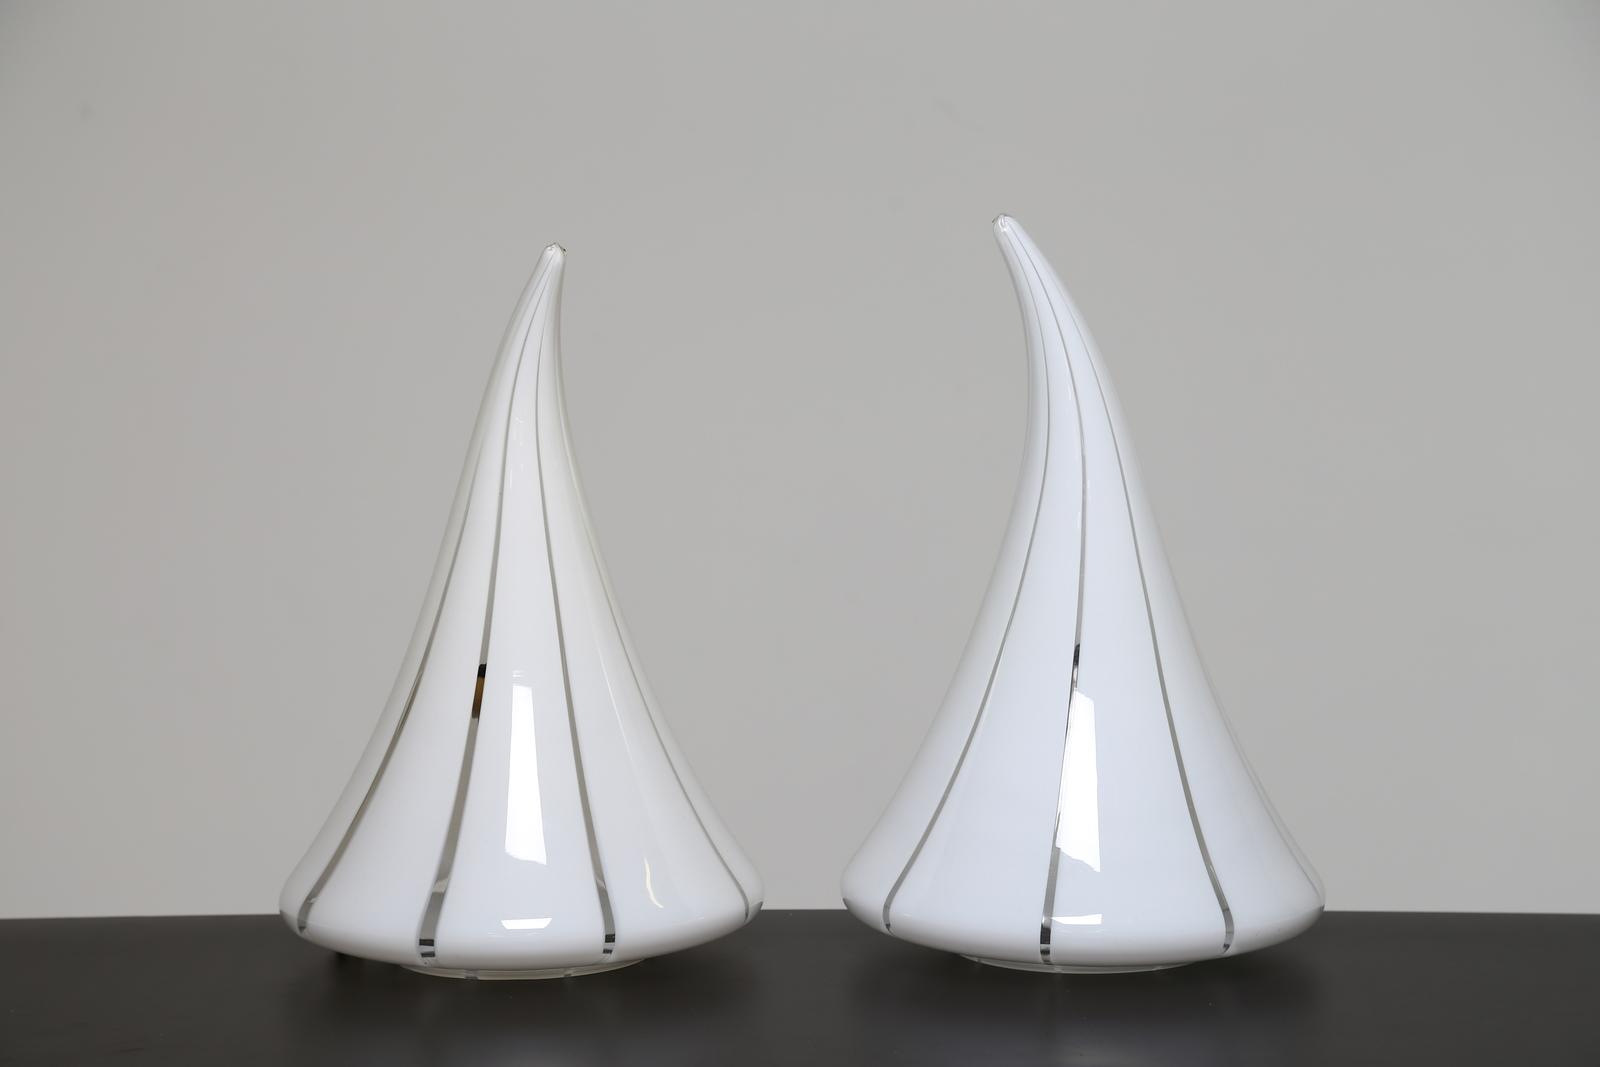 Lampade In Vetro Anni 70 : Manifattura murano coppia di lampade da tavolo in vetro anni